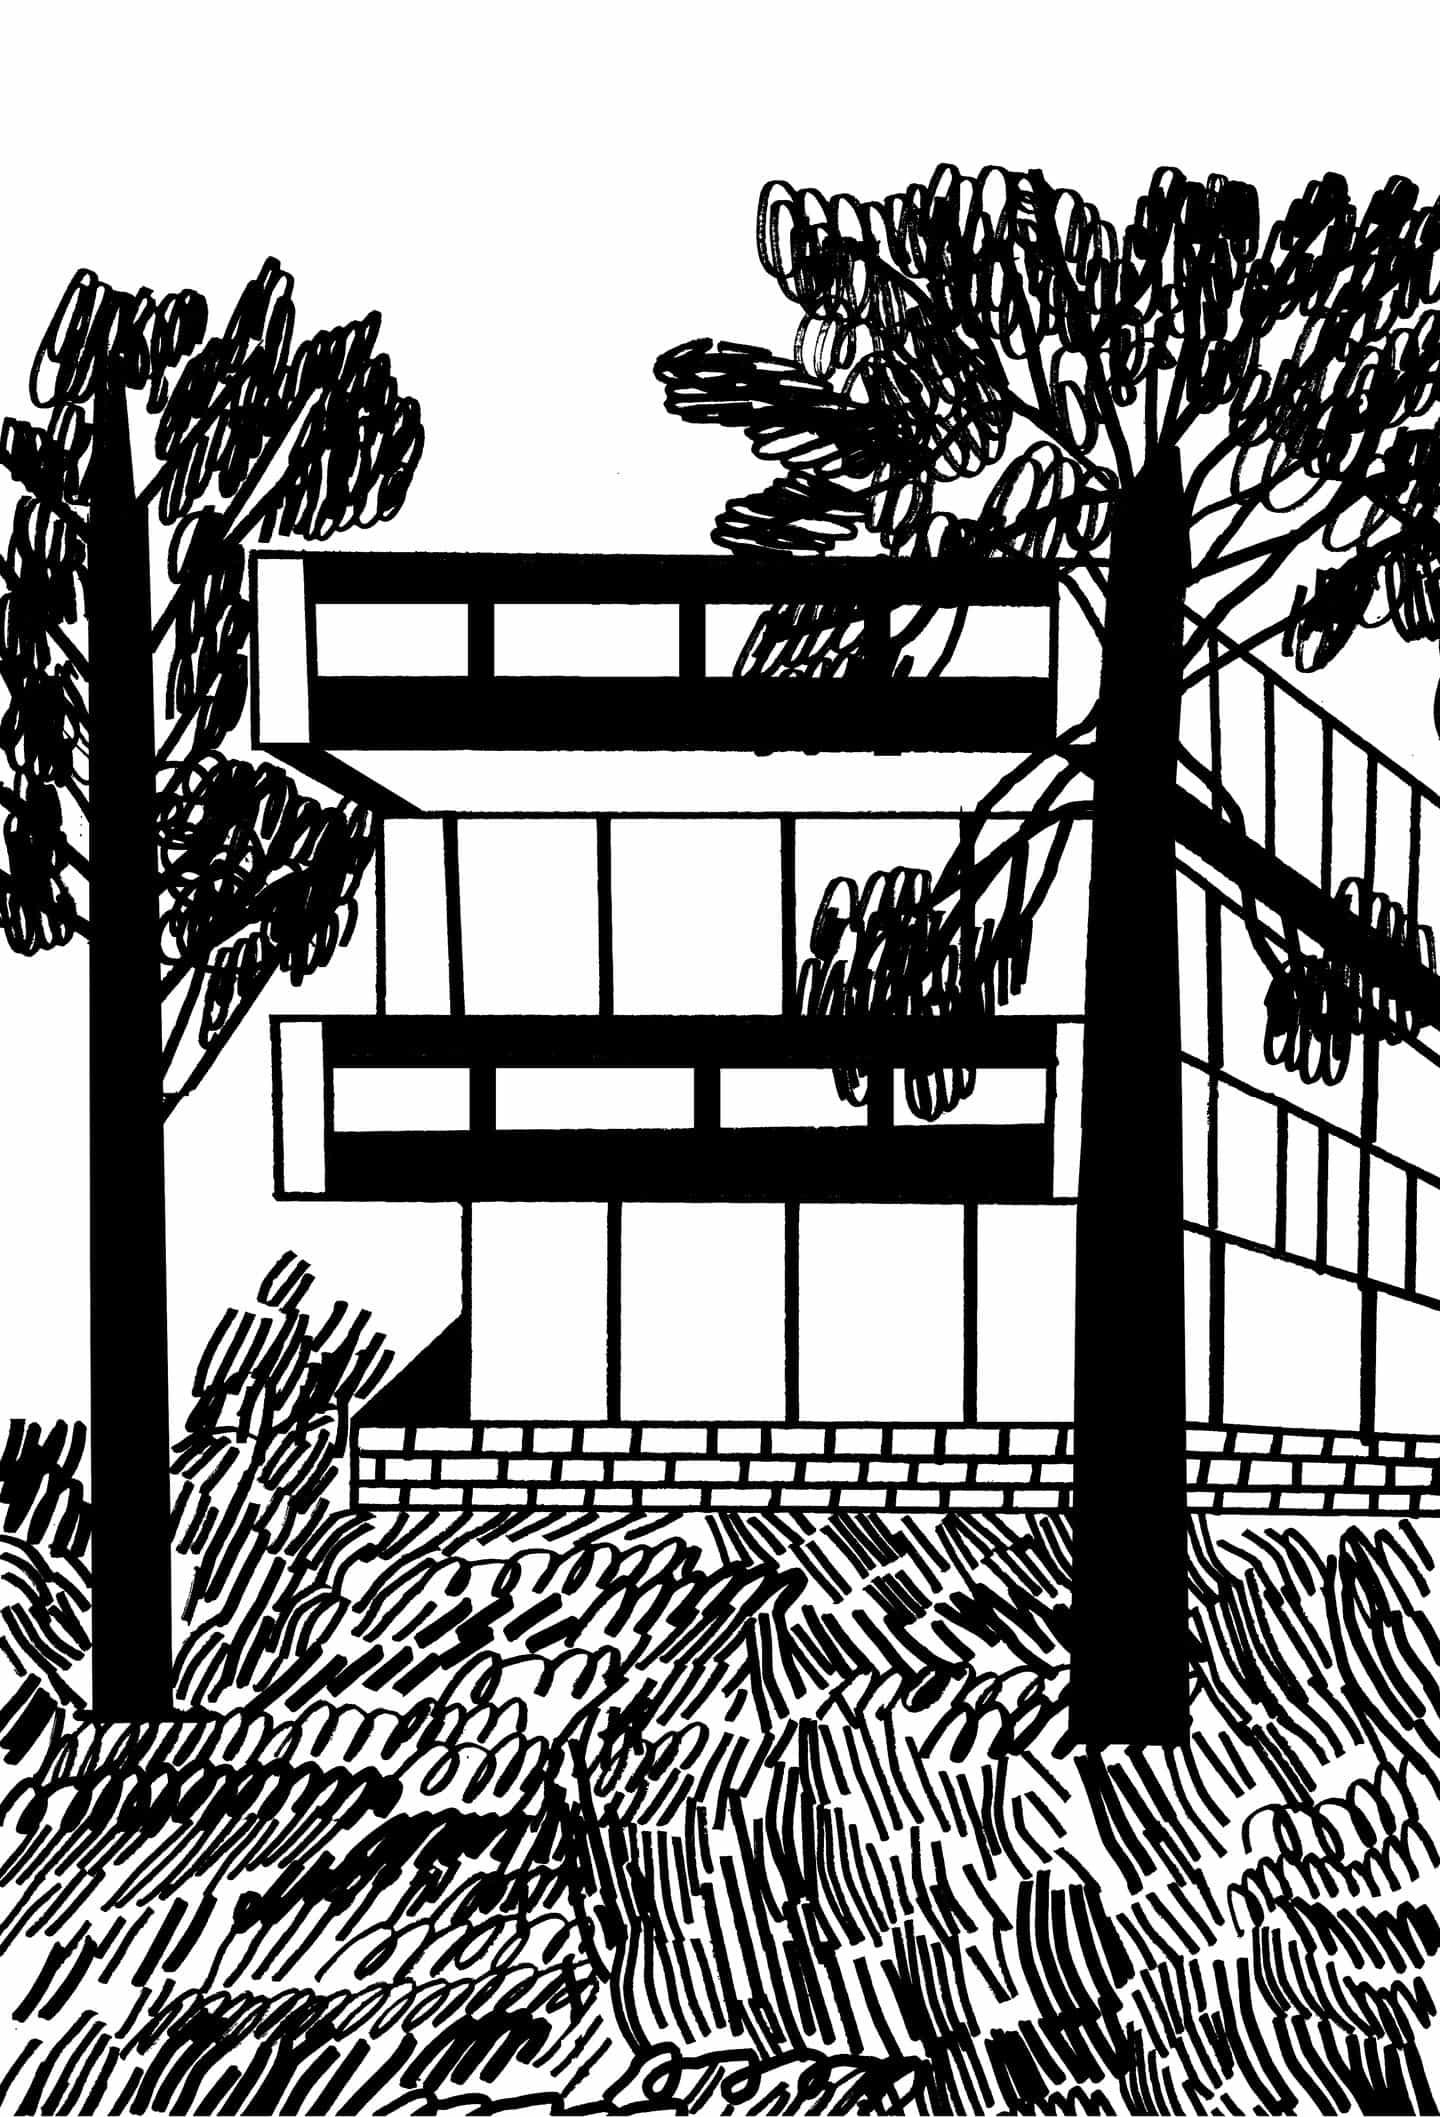 El último trabajo de Marcus Oakley se centra en una visión en blanco y negro de la parte exterior